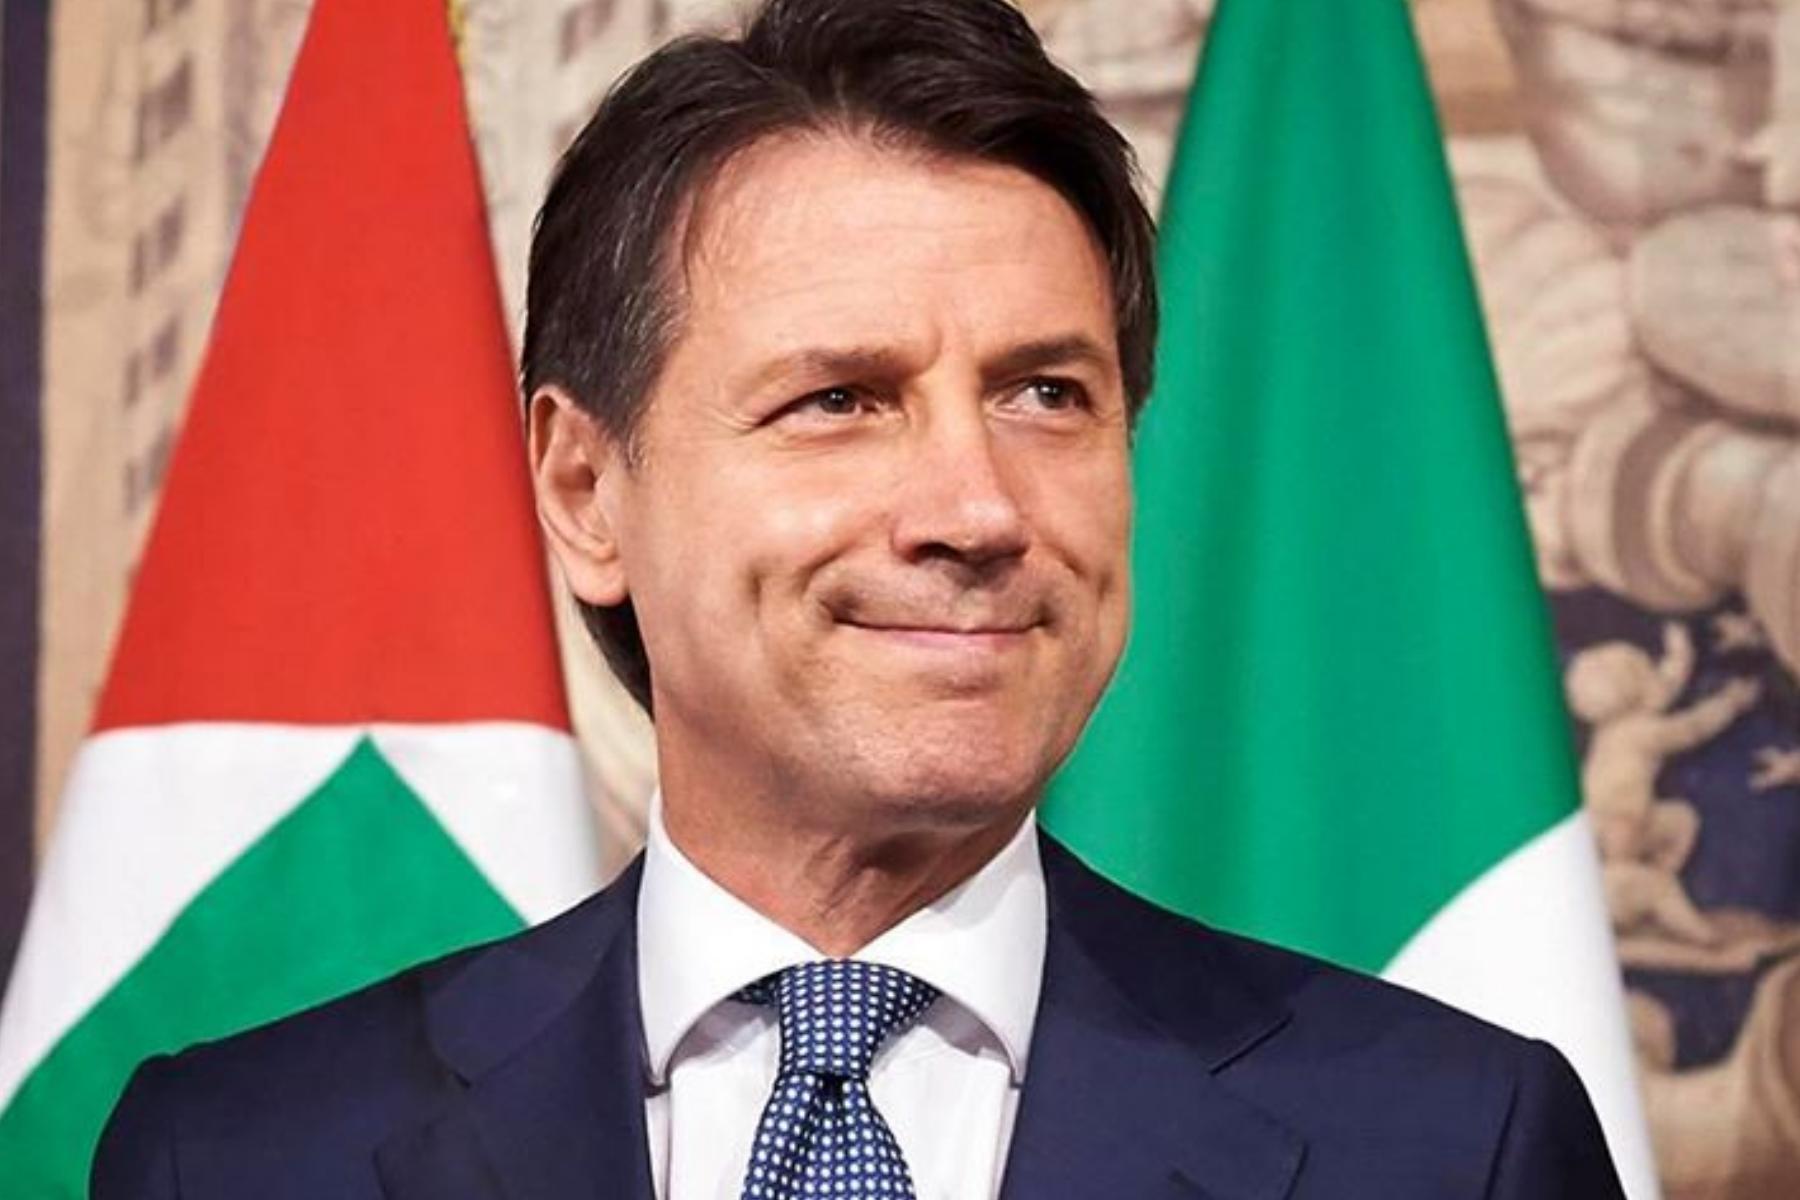 Conte schlimmer als Orban